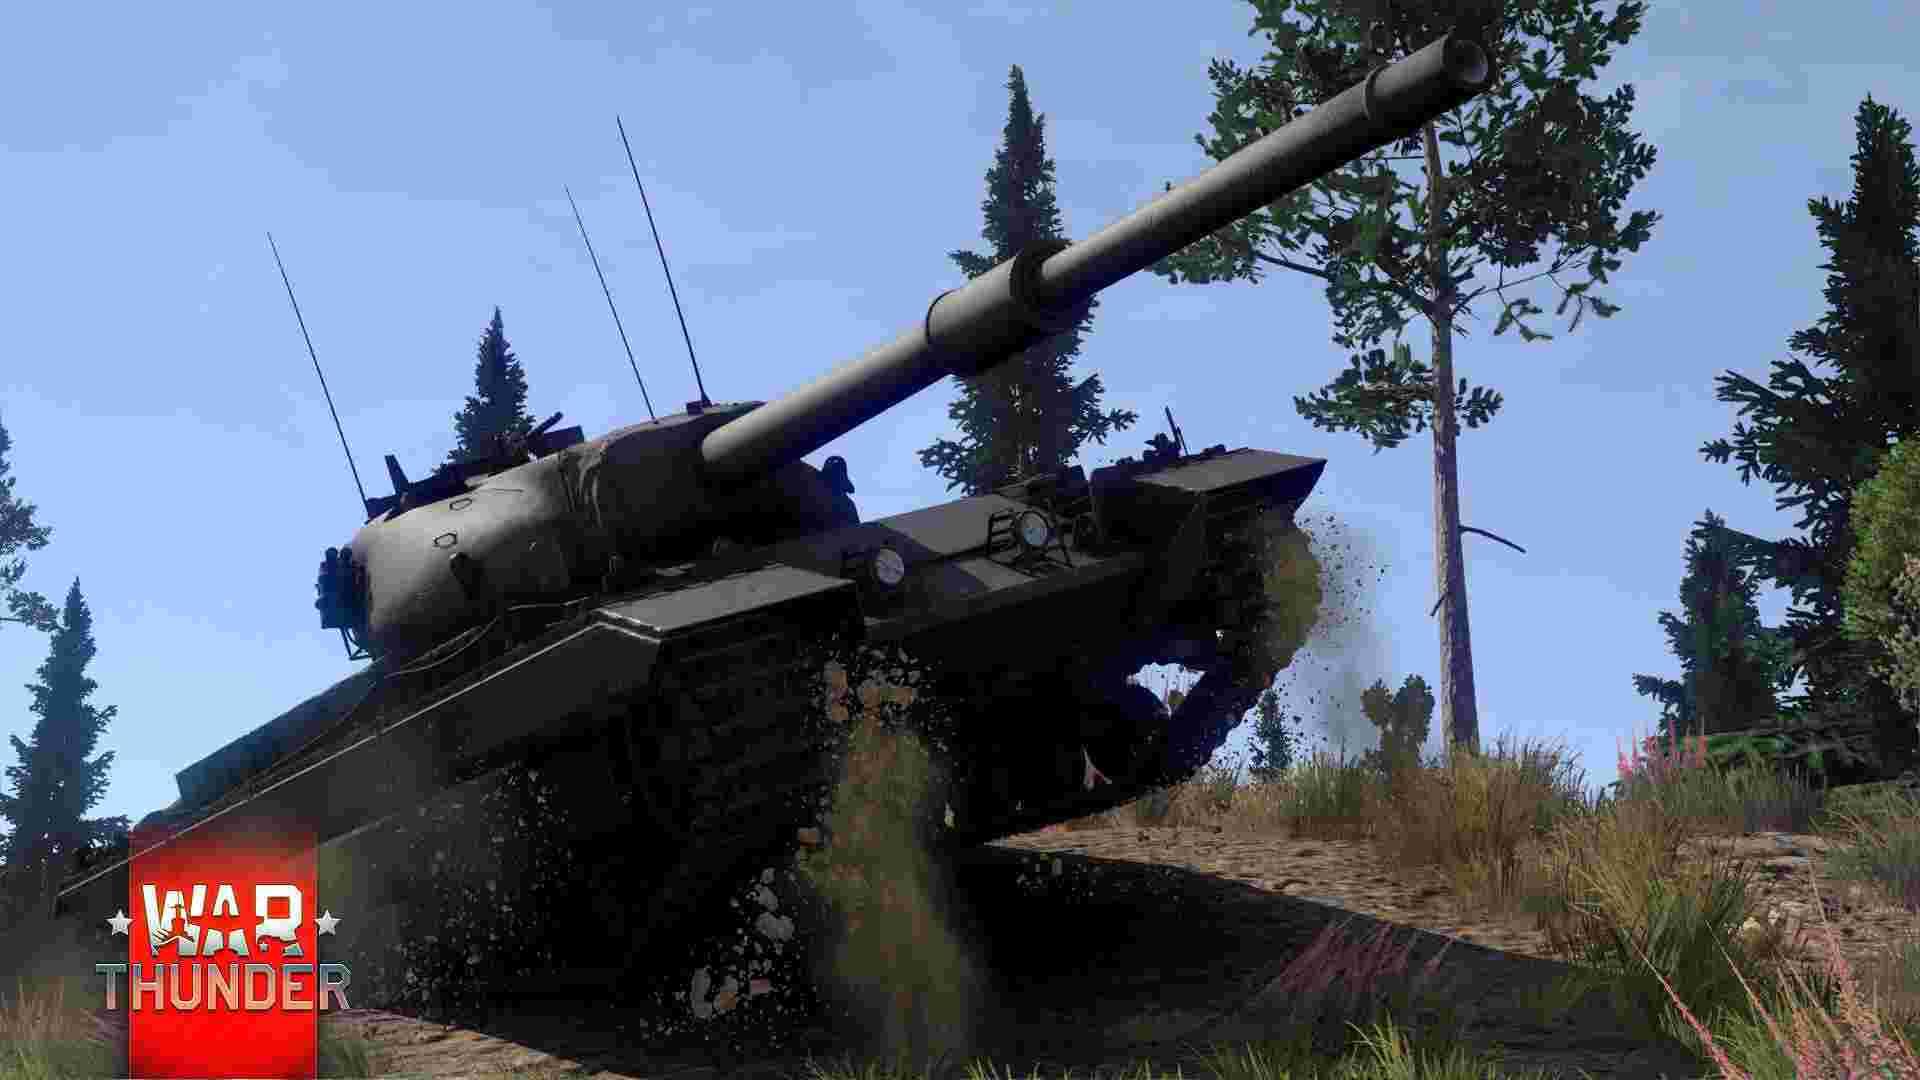 Conqueror Mk.2